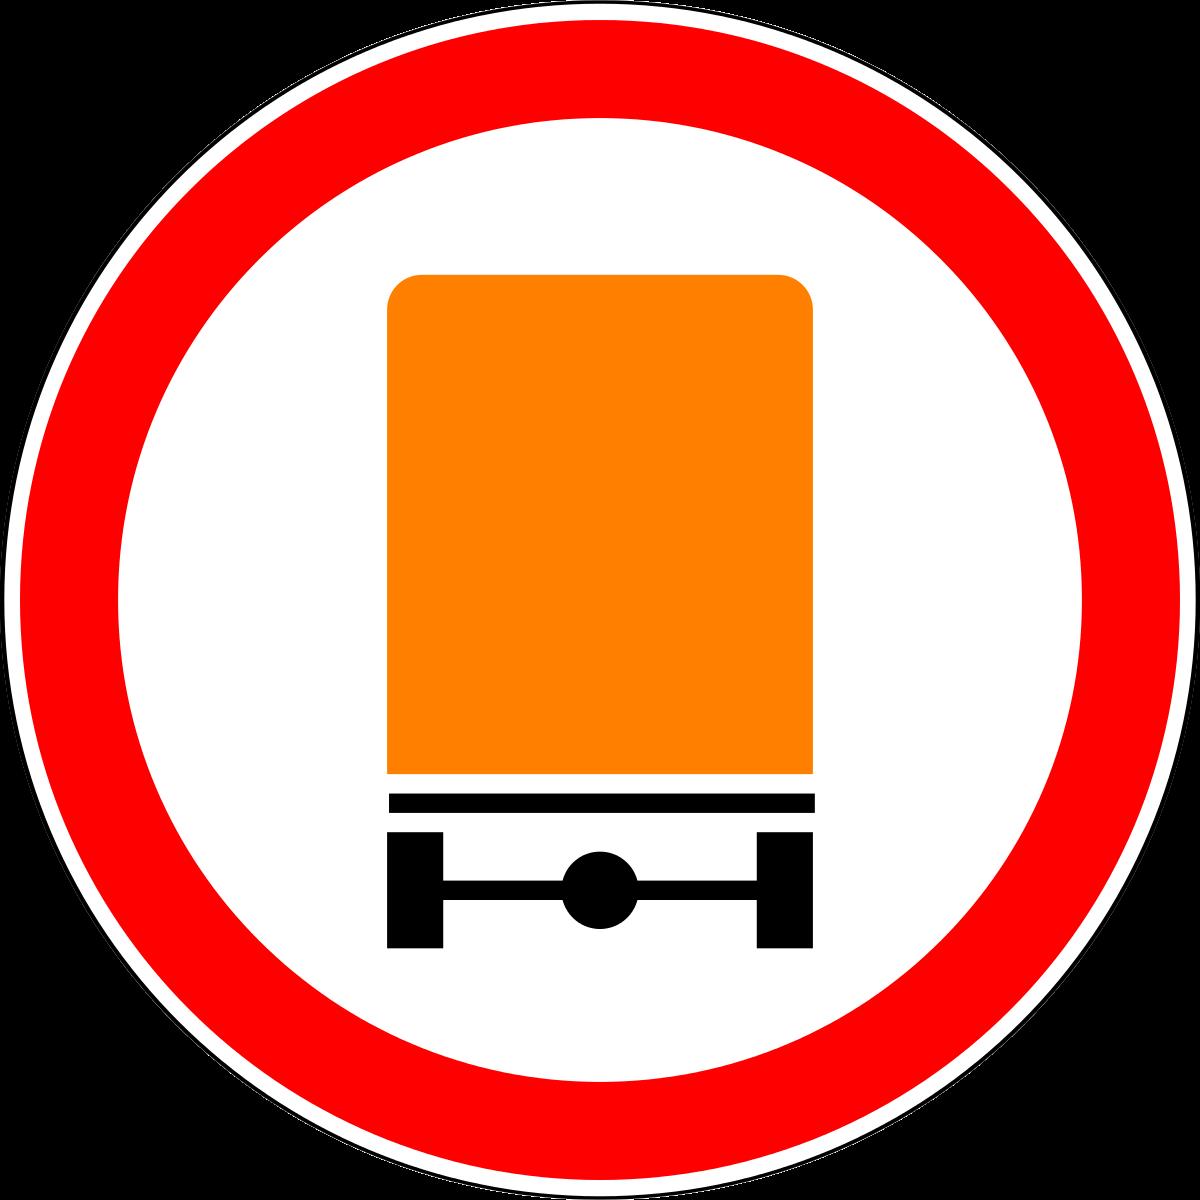 Знак 3.32 Движение транспортных средств с опасным грузом запрещено